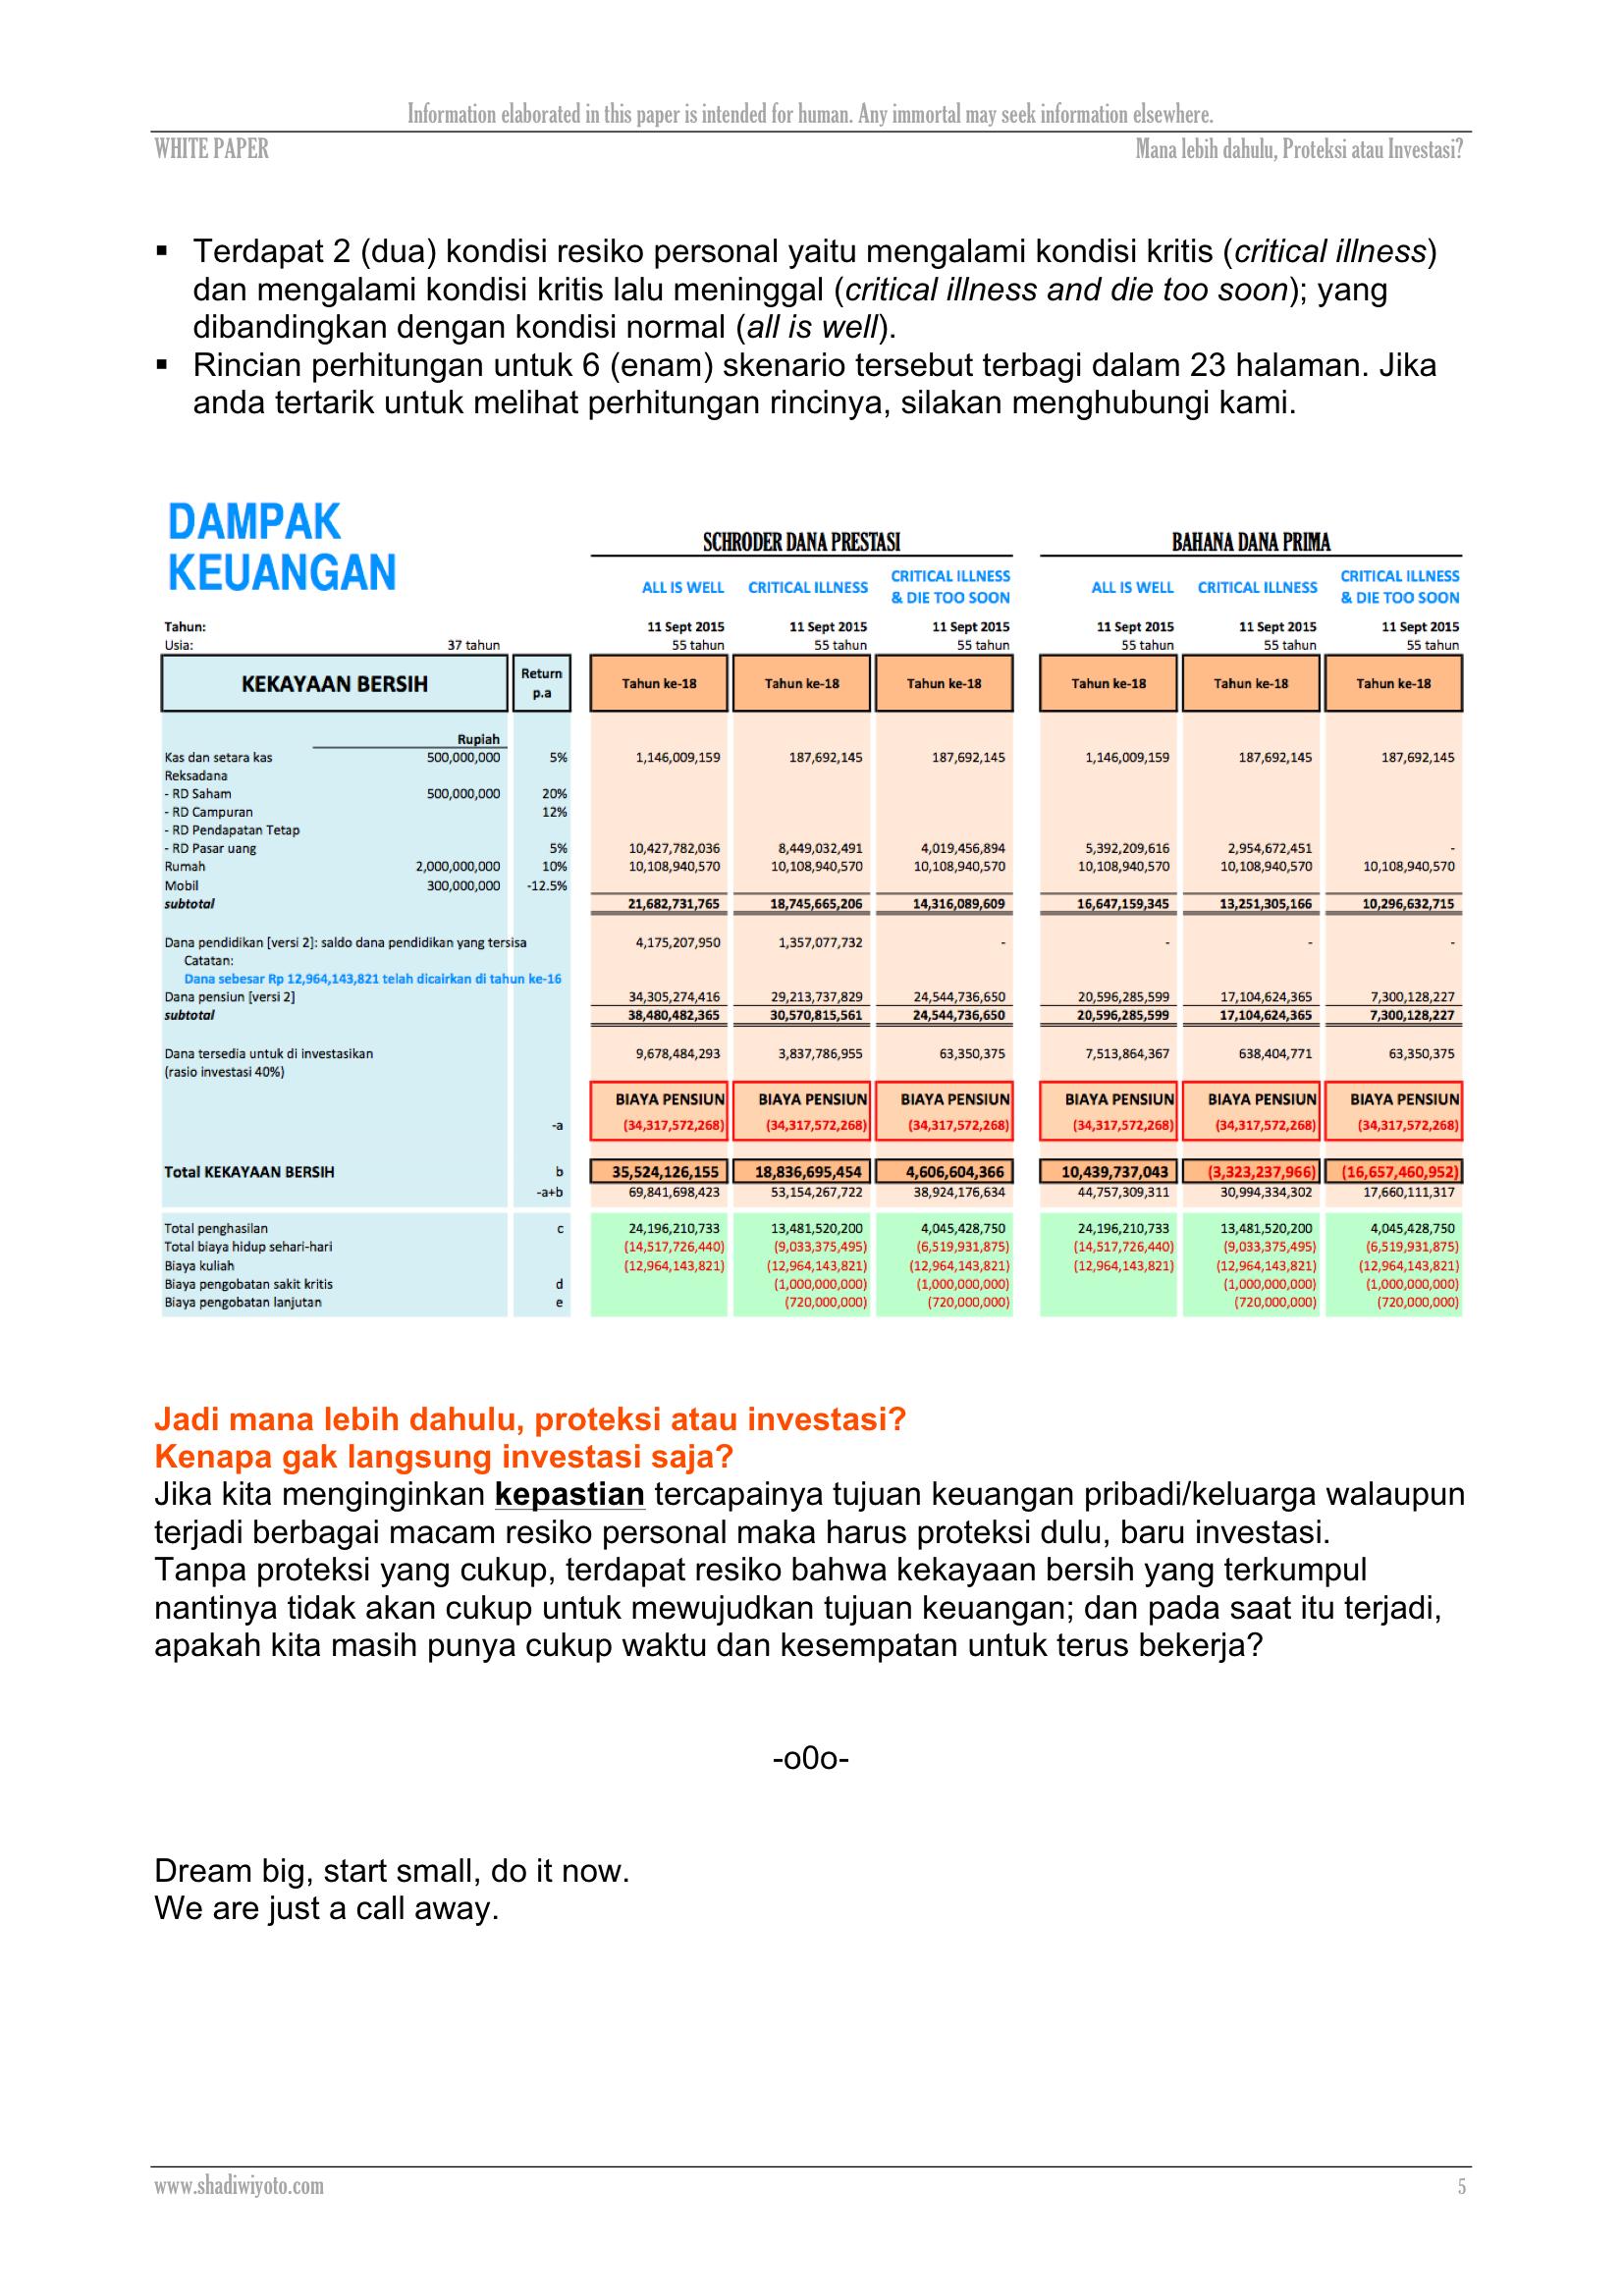 Proteksi dulu baru investasi v.1-5